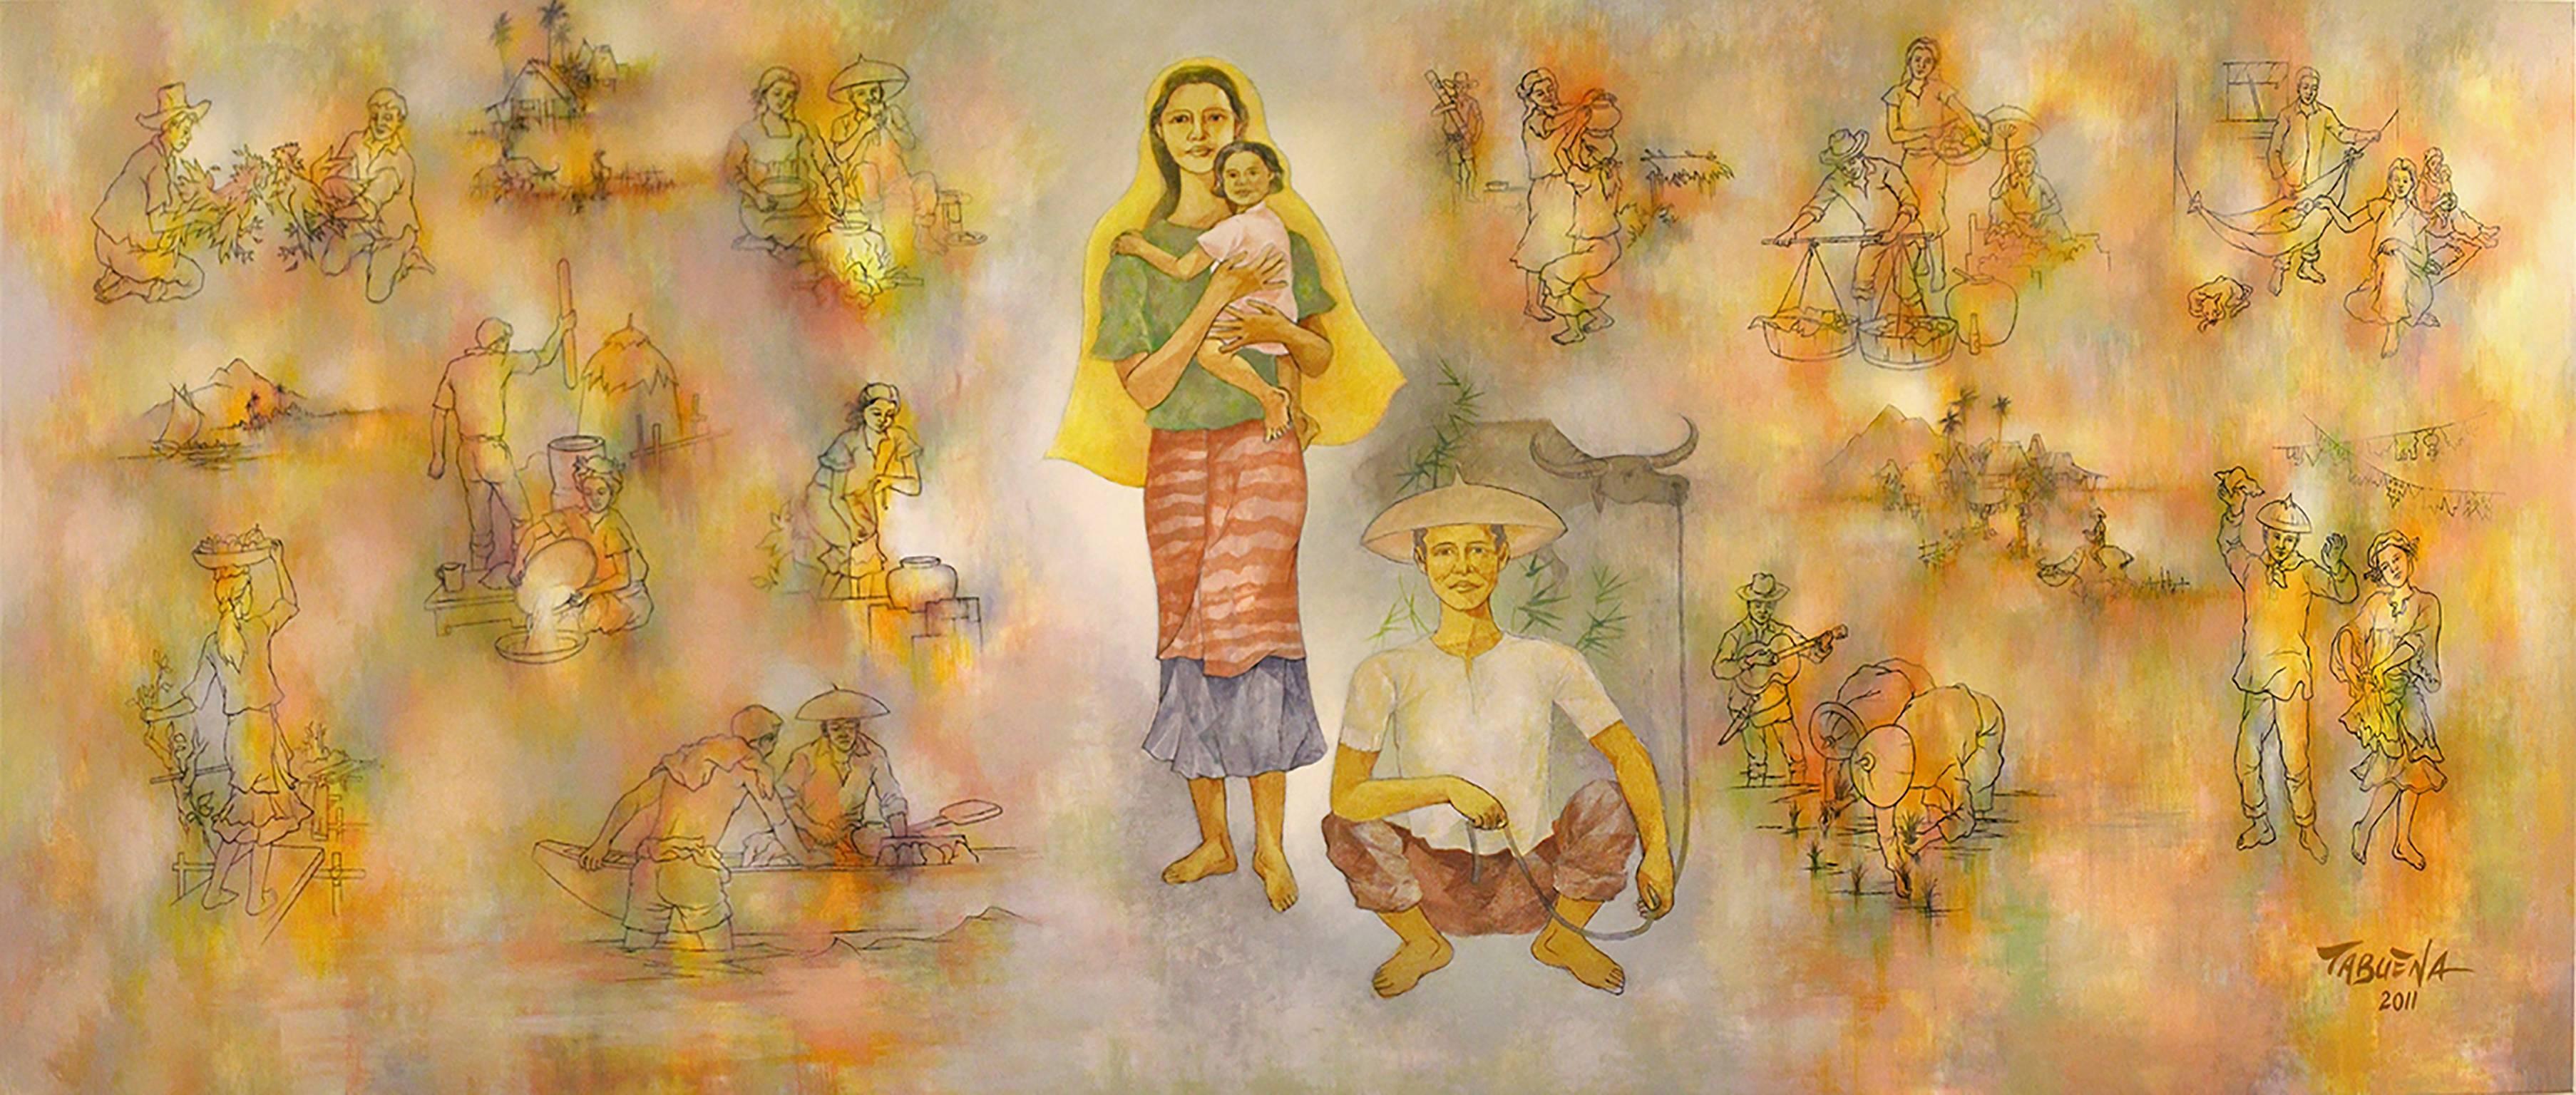 Romeo Villalva Tabuena - Shepherd and Carabaos, Modern Art, Acrylic ...